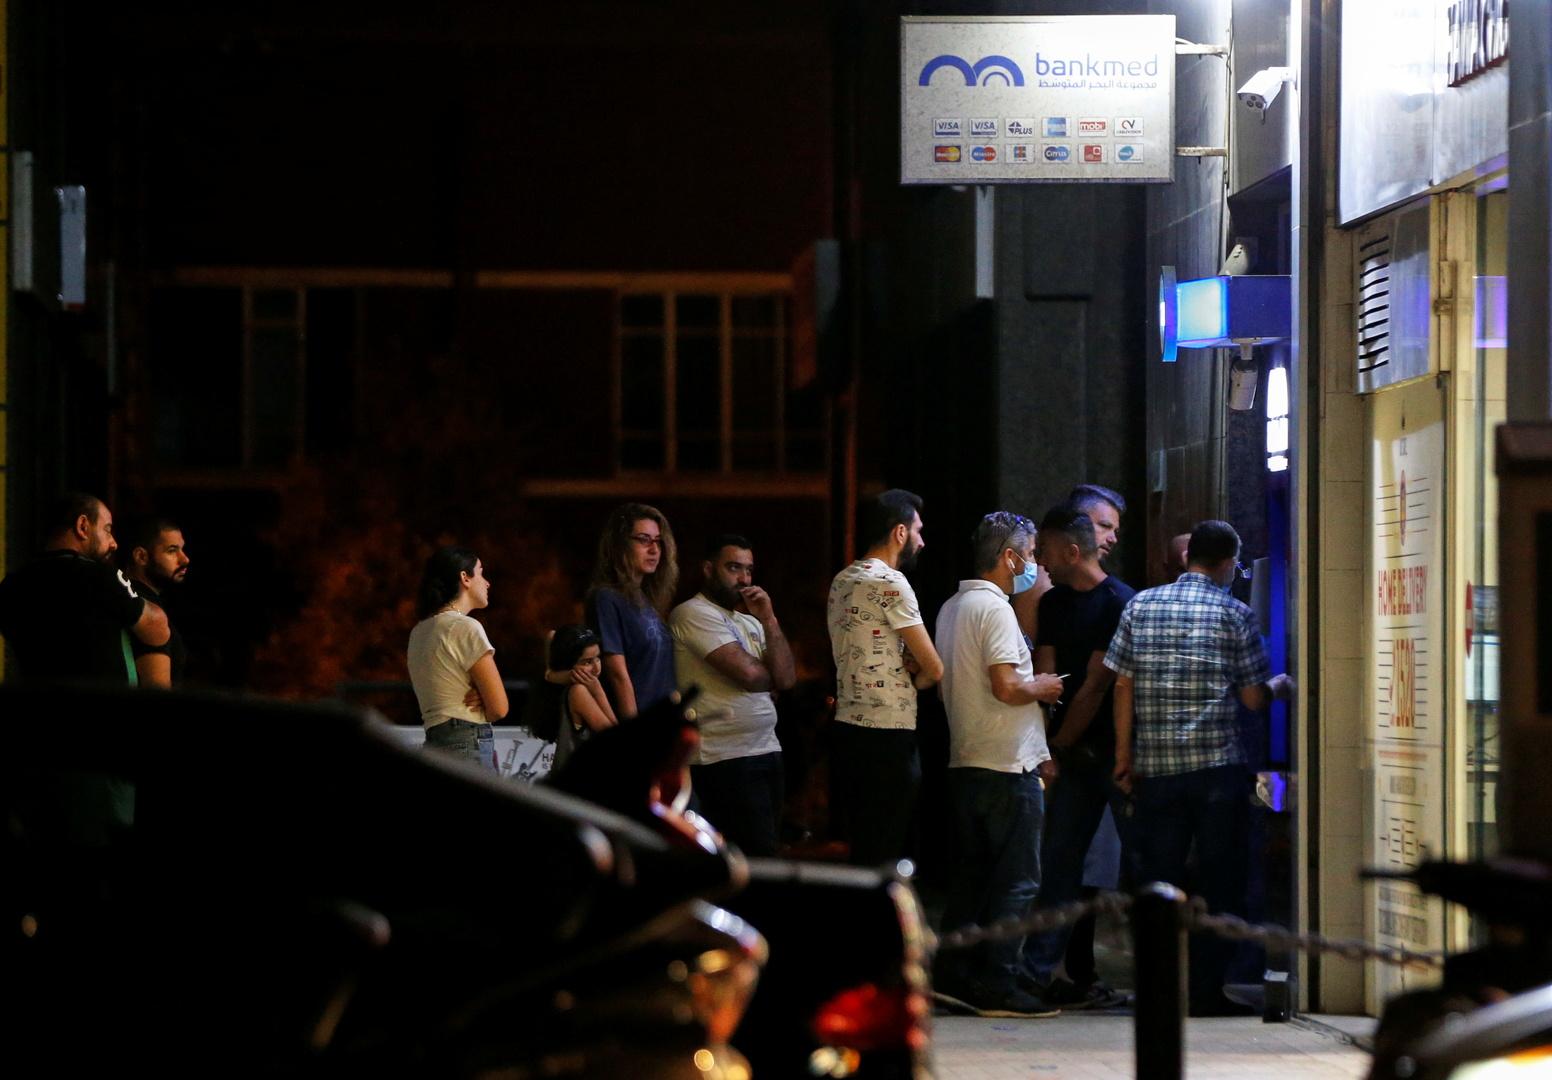 احتجاجا على قرار مصرف لبنان.. مواطنون يقطعون الطرقات في عدد من المناطق (فيديو)